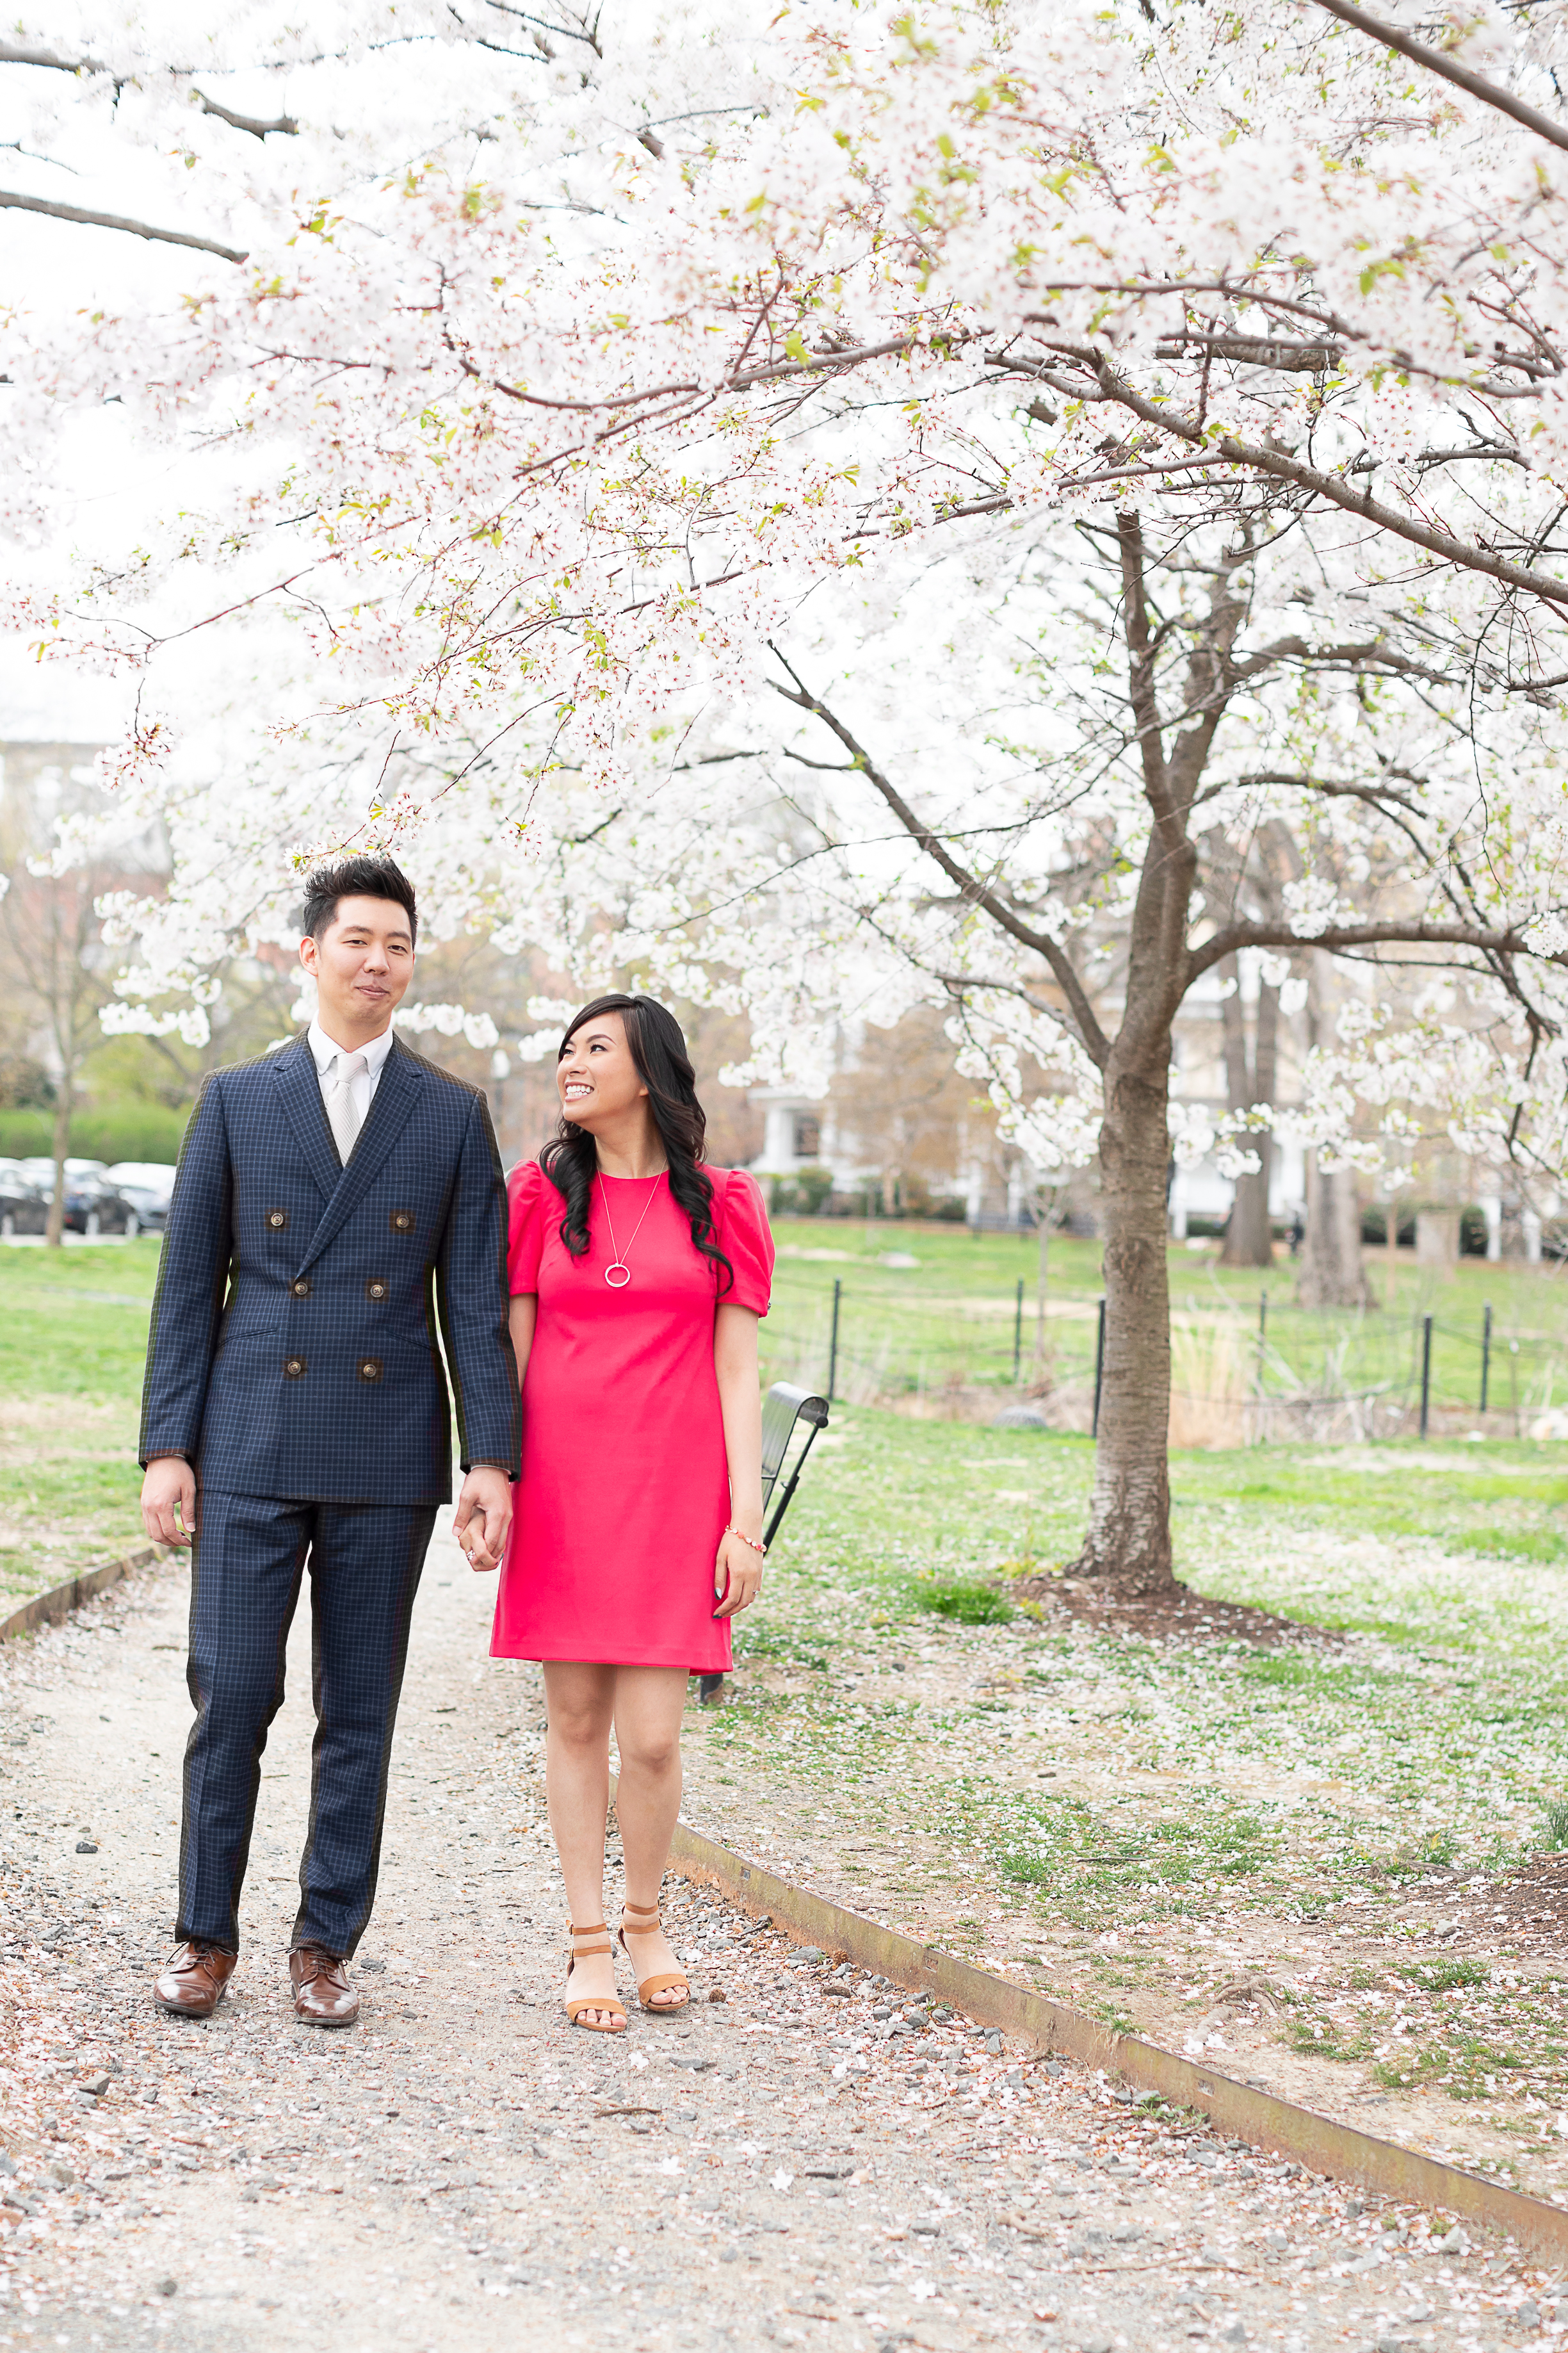 06 Trina-Ed-Engagement-Kim-Pham-Clark-Photography-27.jpg